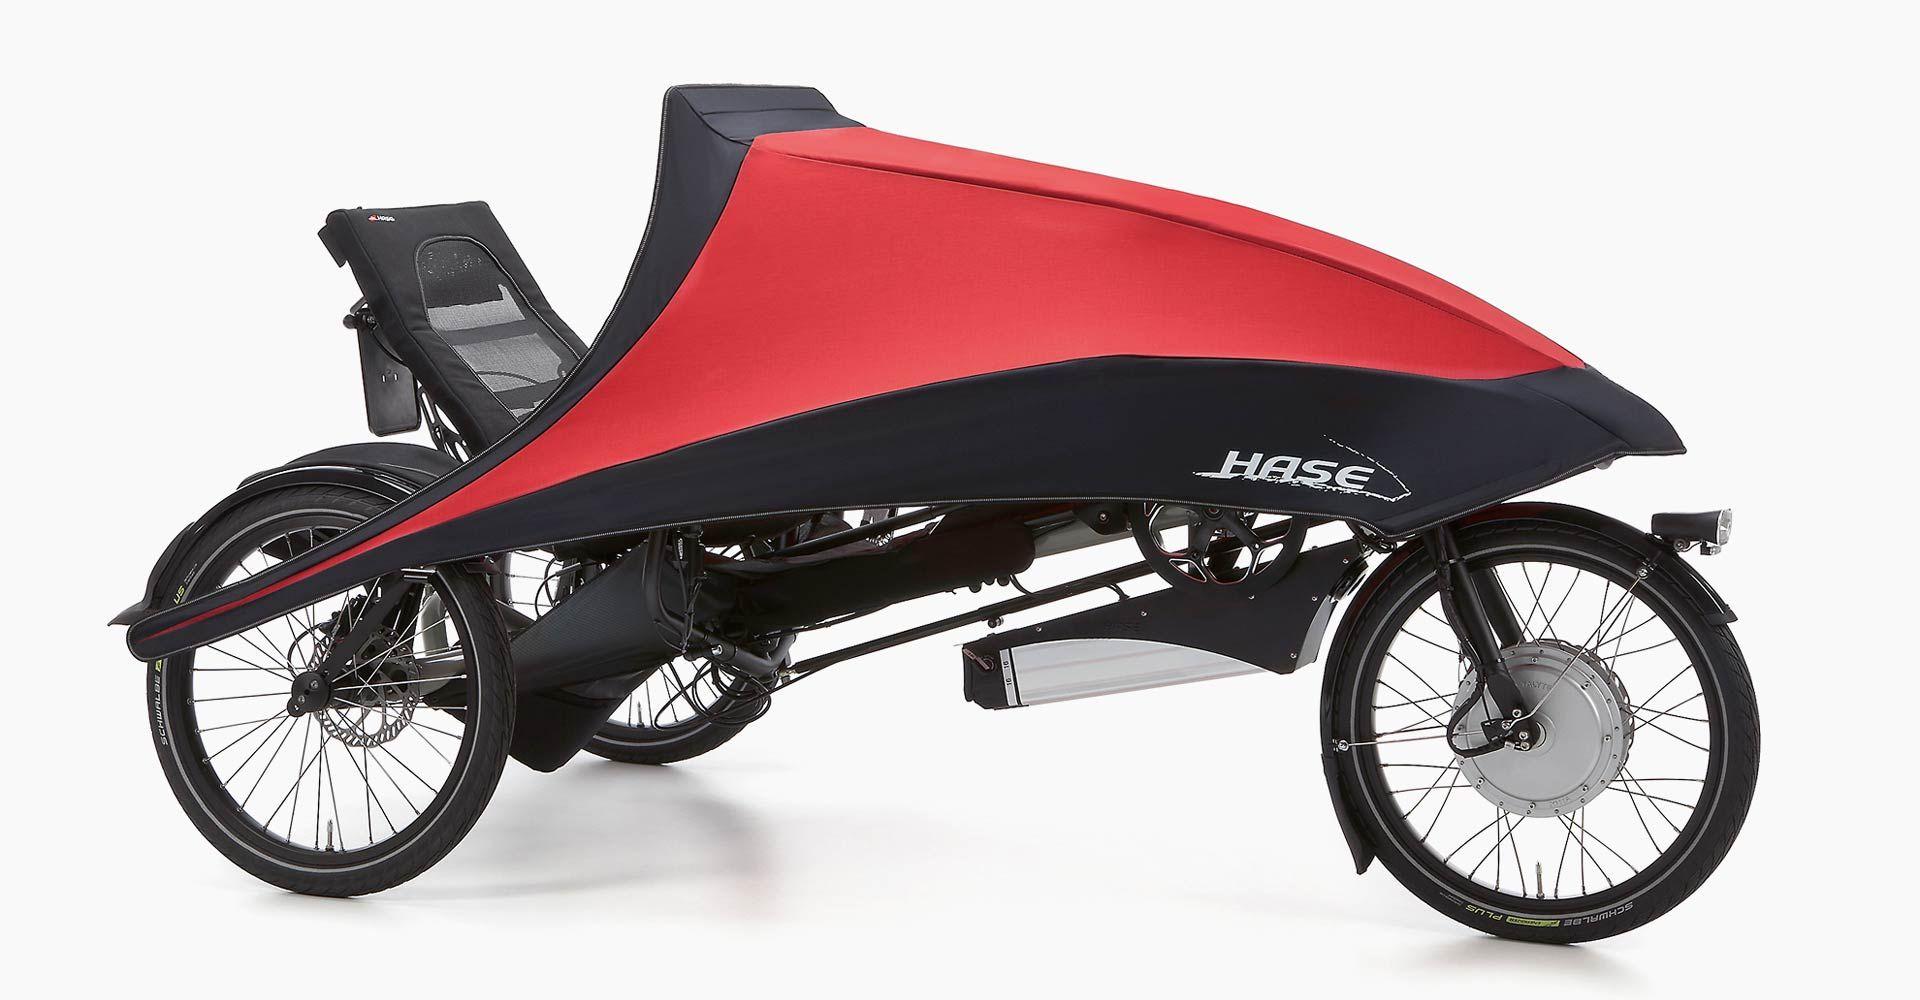 Ebike Klimax 5k Modell E Bikes Recumbent Bikes Handbikes Trike Bicycle Recumbent Bicycle Trike